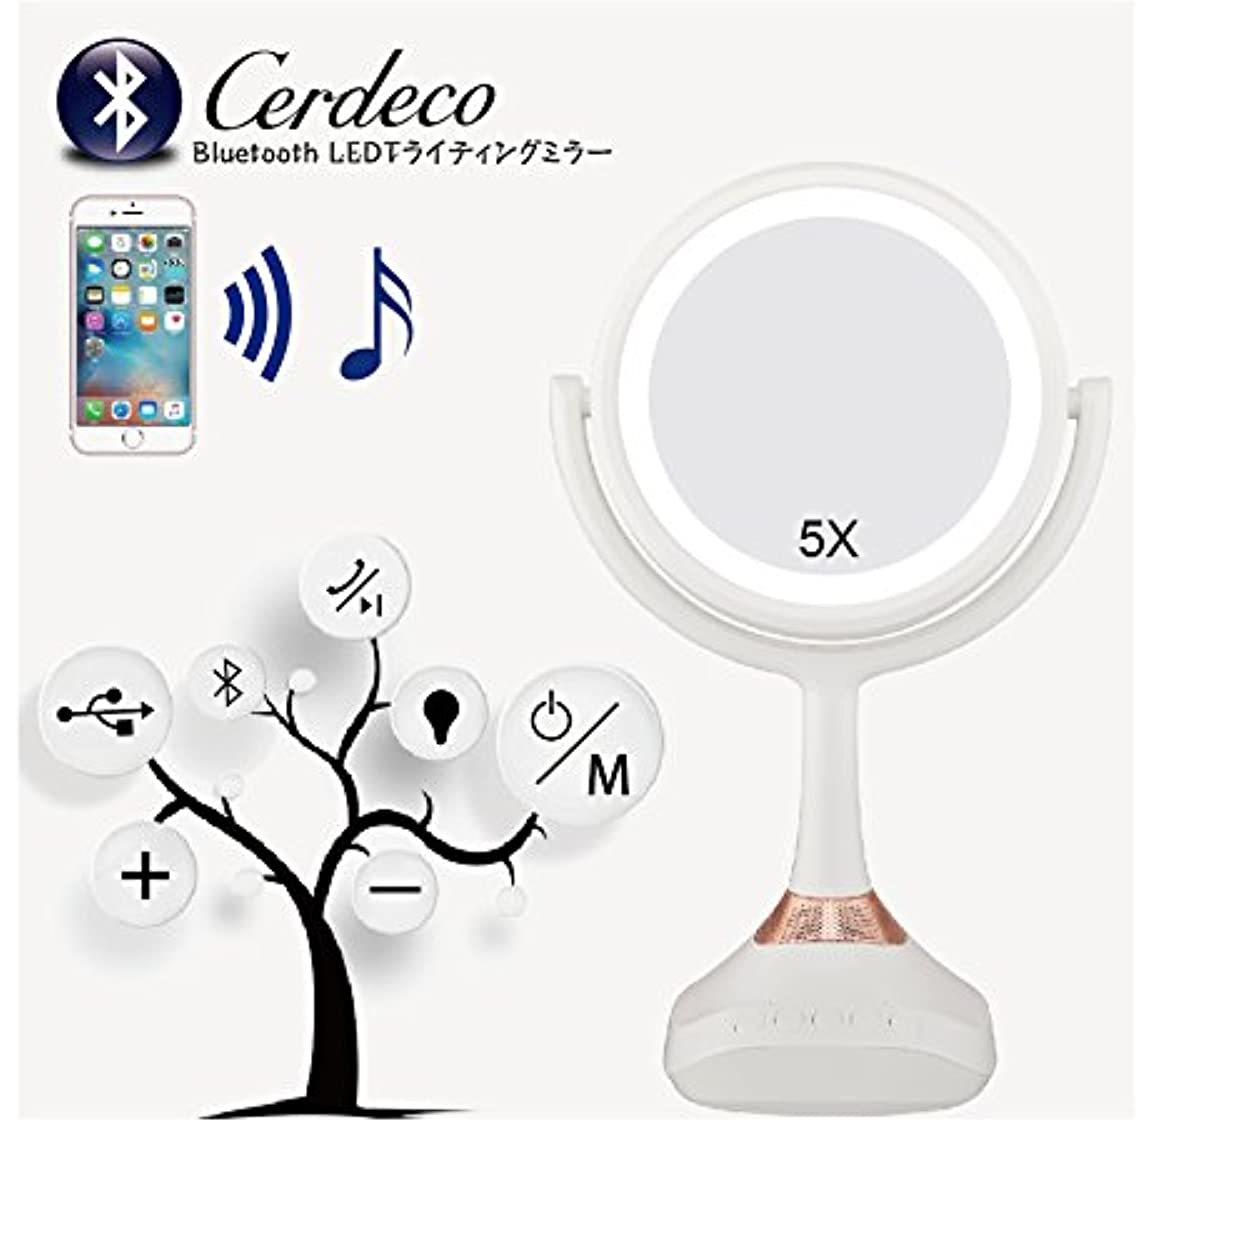 ペイン作り決定(セーディコ)Cerdeco Bluetoothスピーカー LEDライティングミラー 5倍拡大率 ハンズフリー通話可能 USB給電 真実の両面鏡DX 鏡面φ153mm D638M (ホワイト?Bluetooth卓上鏡)